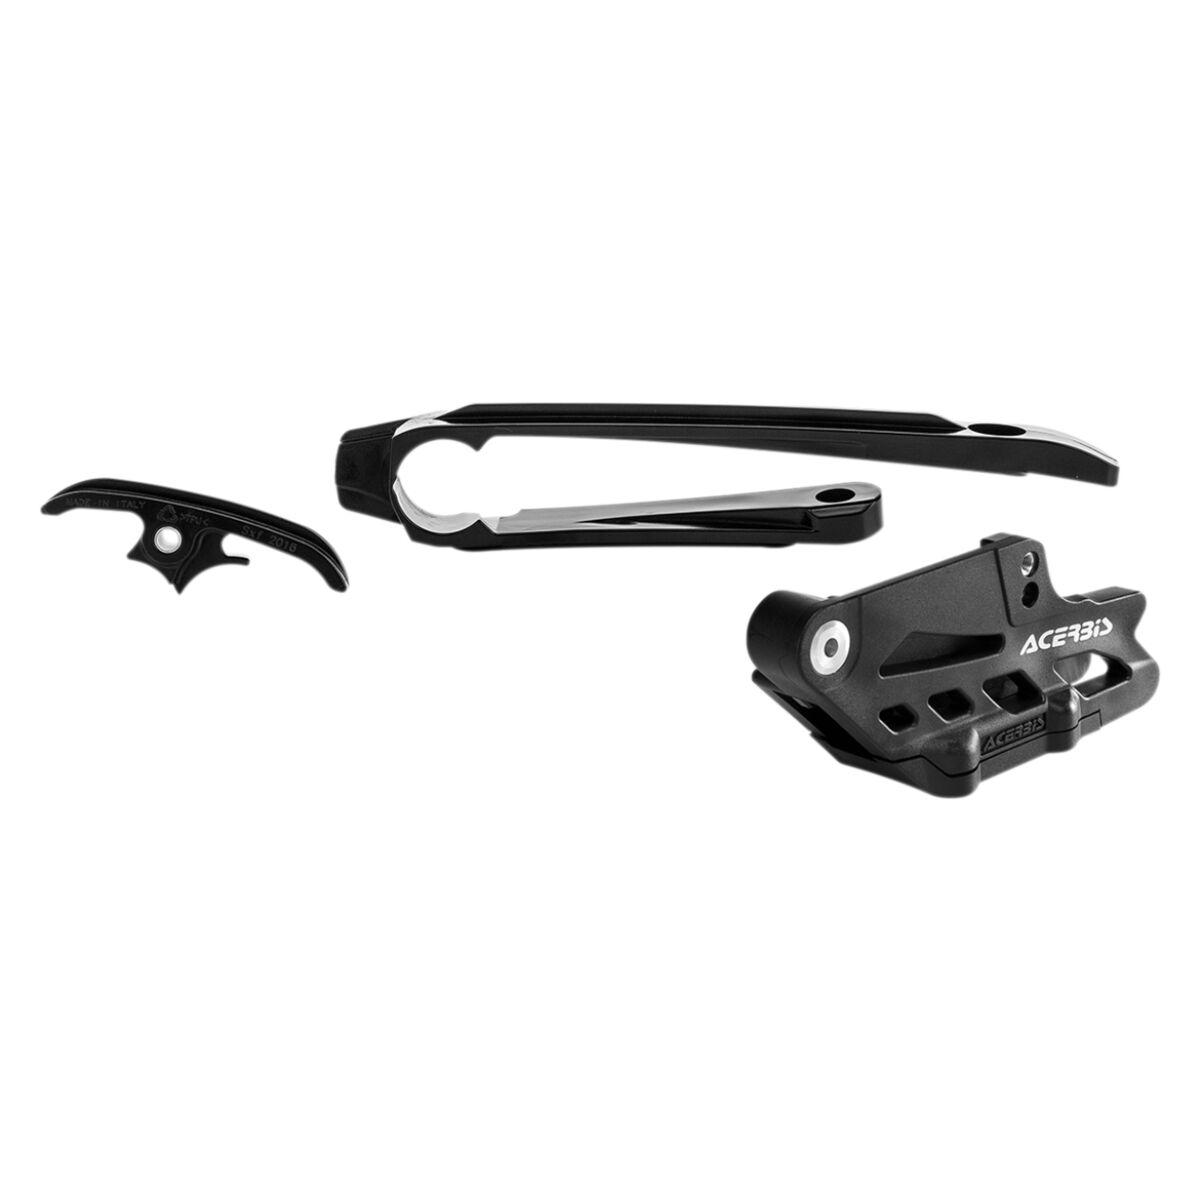 Acerbis Chain Guide And Slider Kit Black Husqvarna Ktm Chain Slider Kit